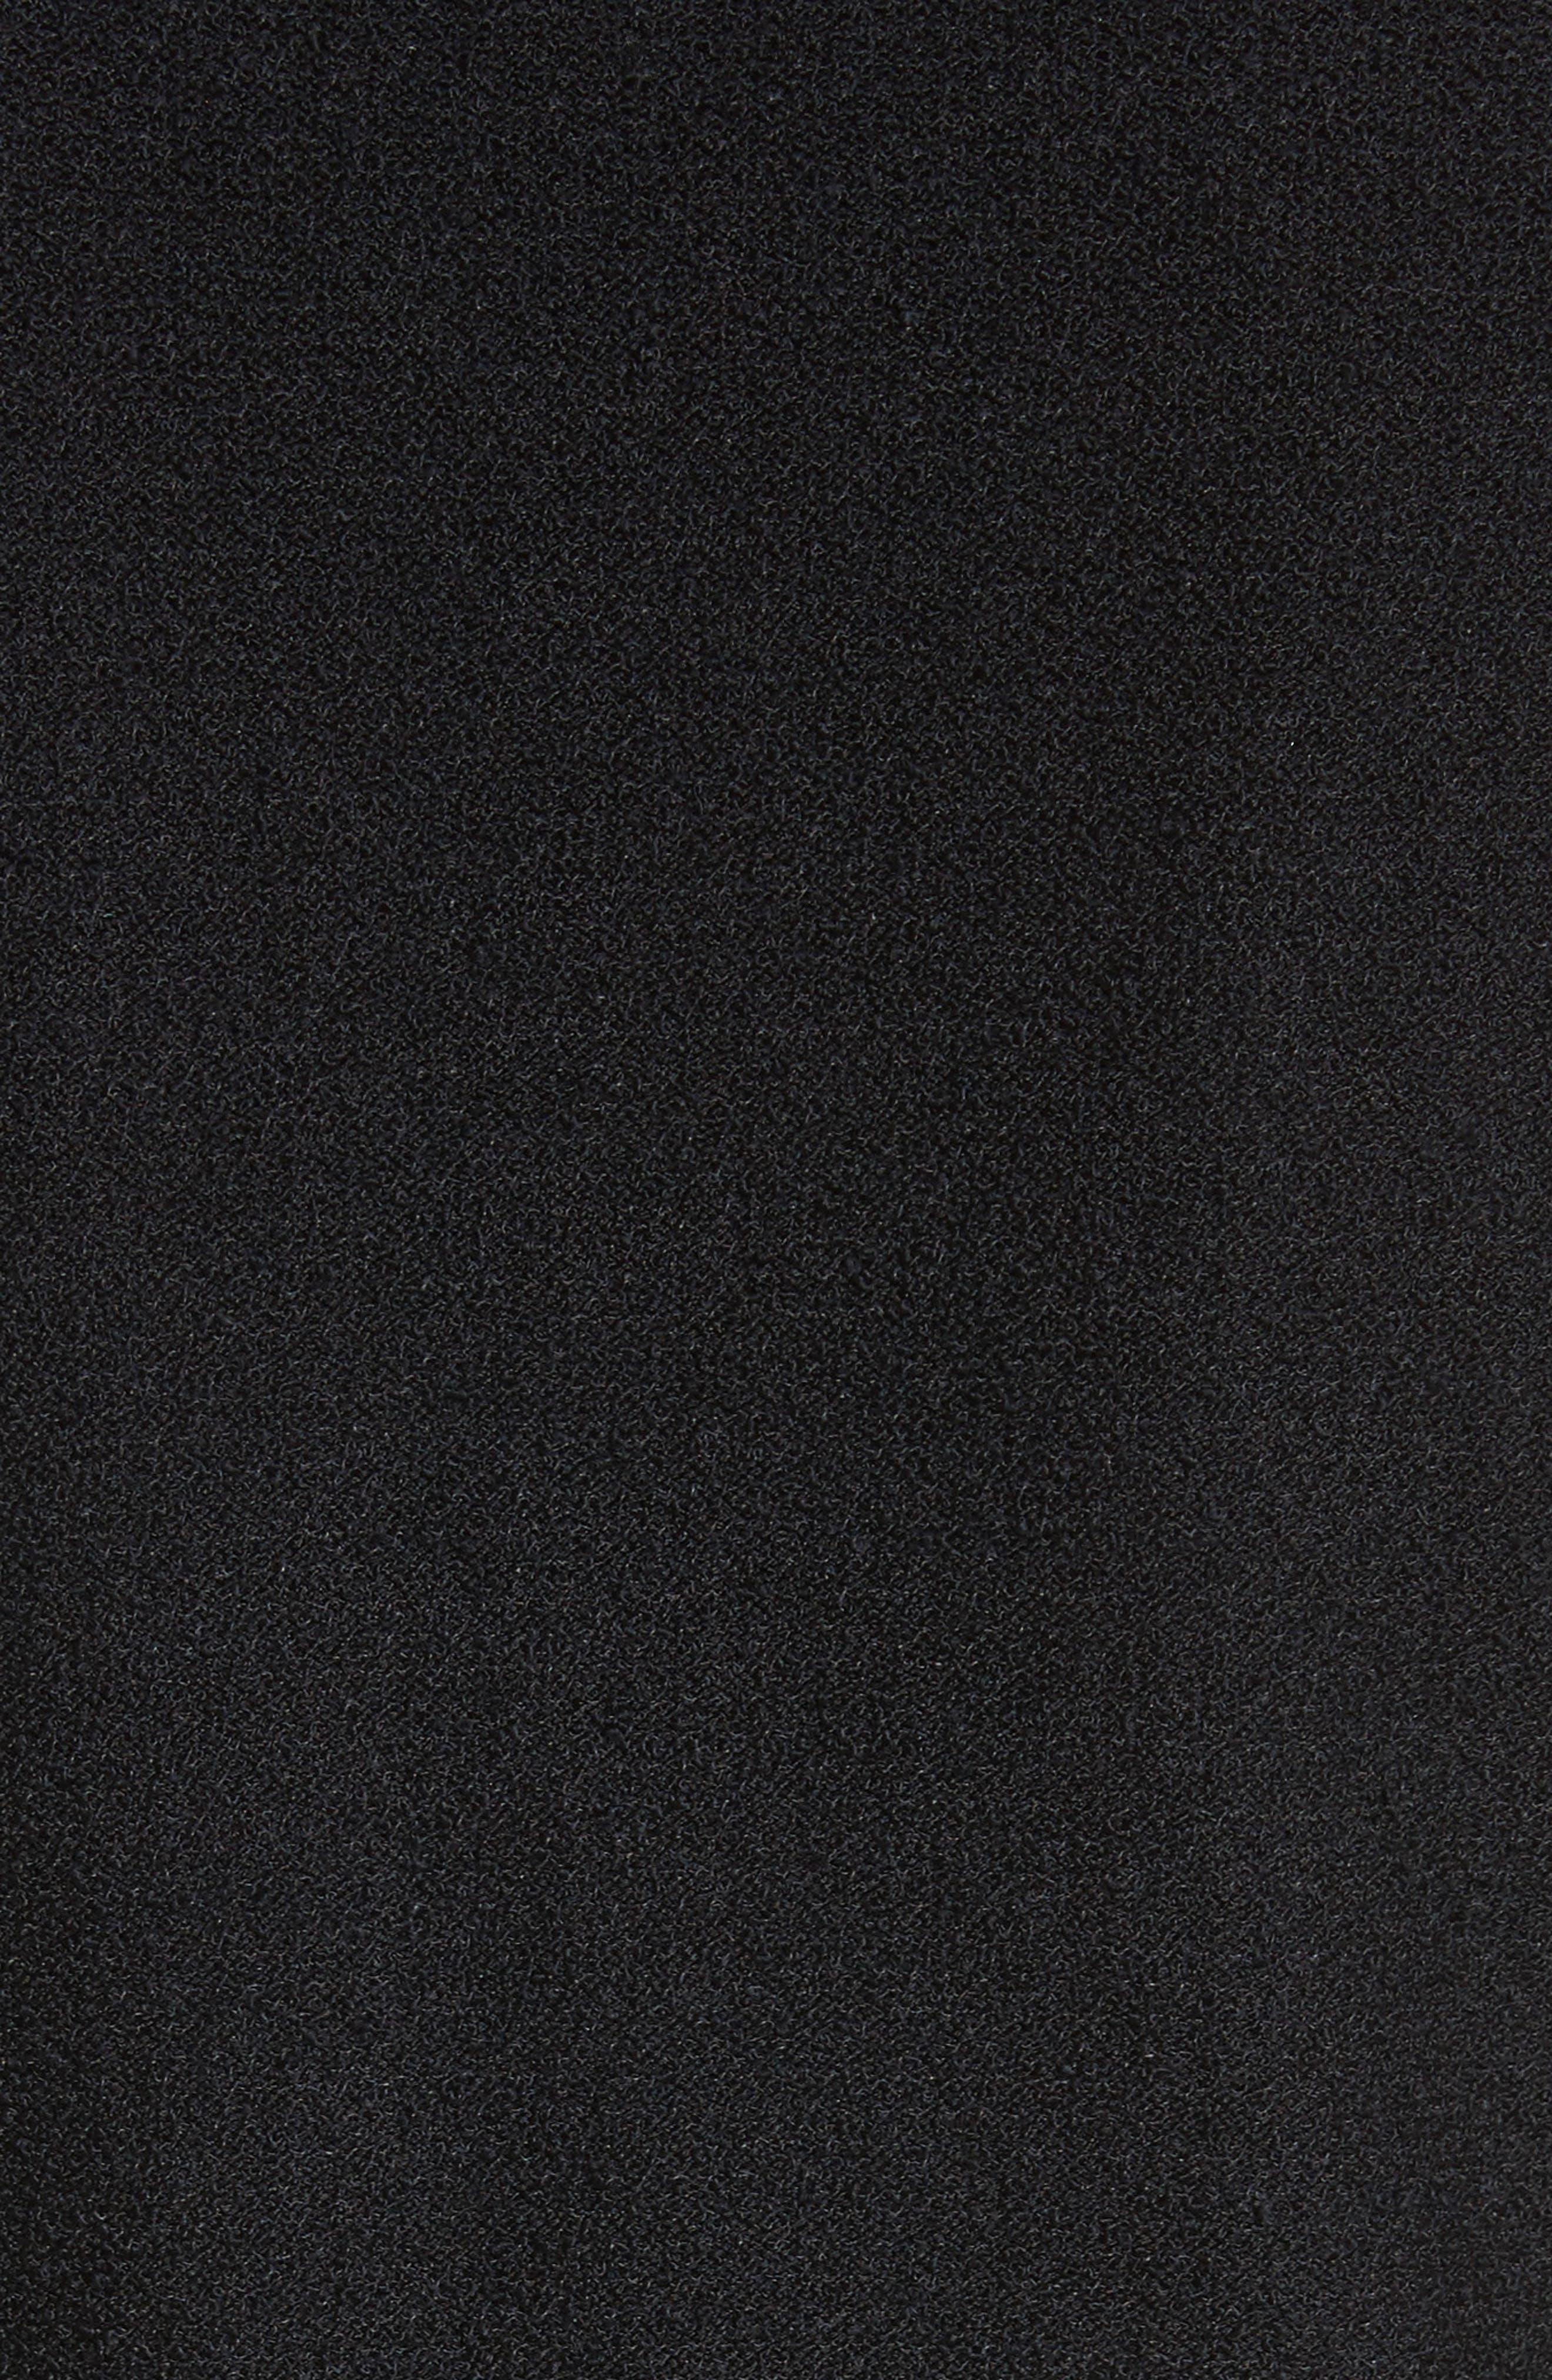 Bouclé Knit Jacket,                             Alternate thumbnail 6, color,                             Caviar